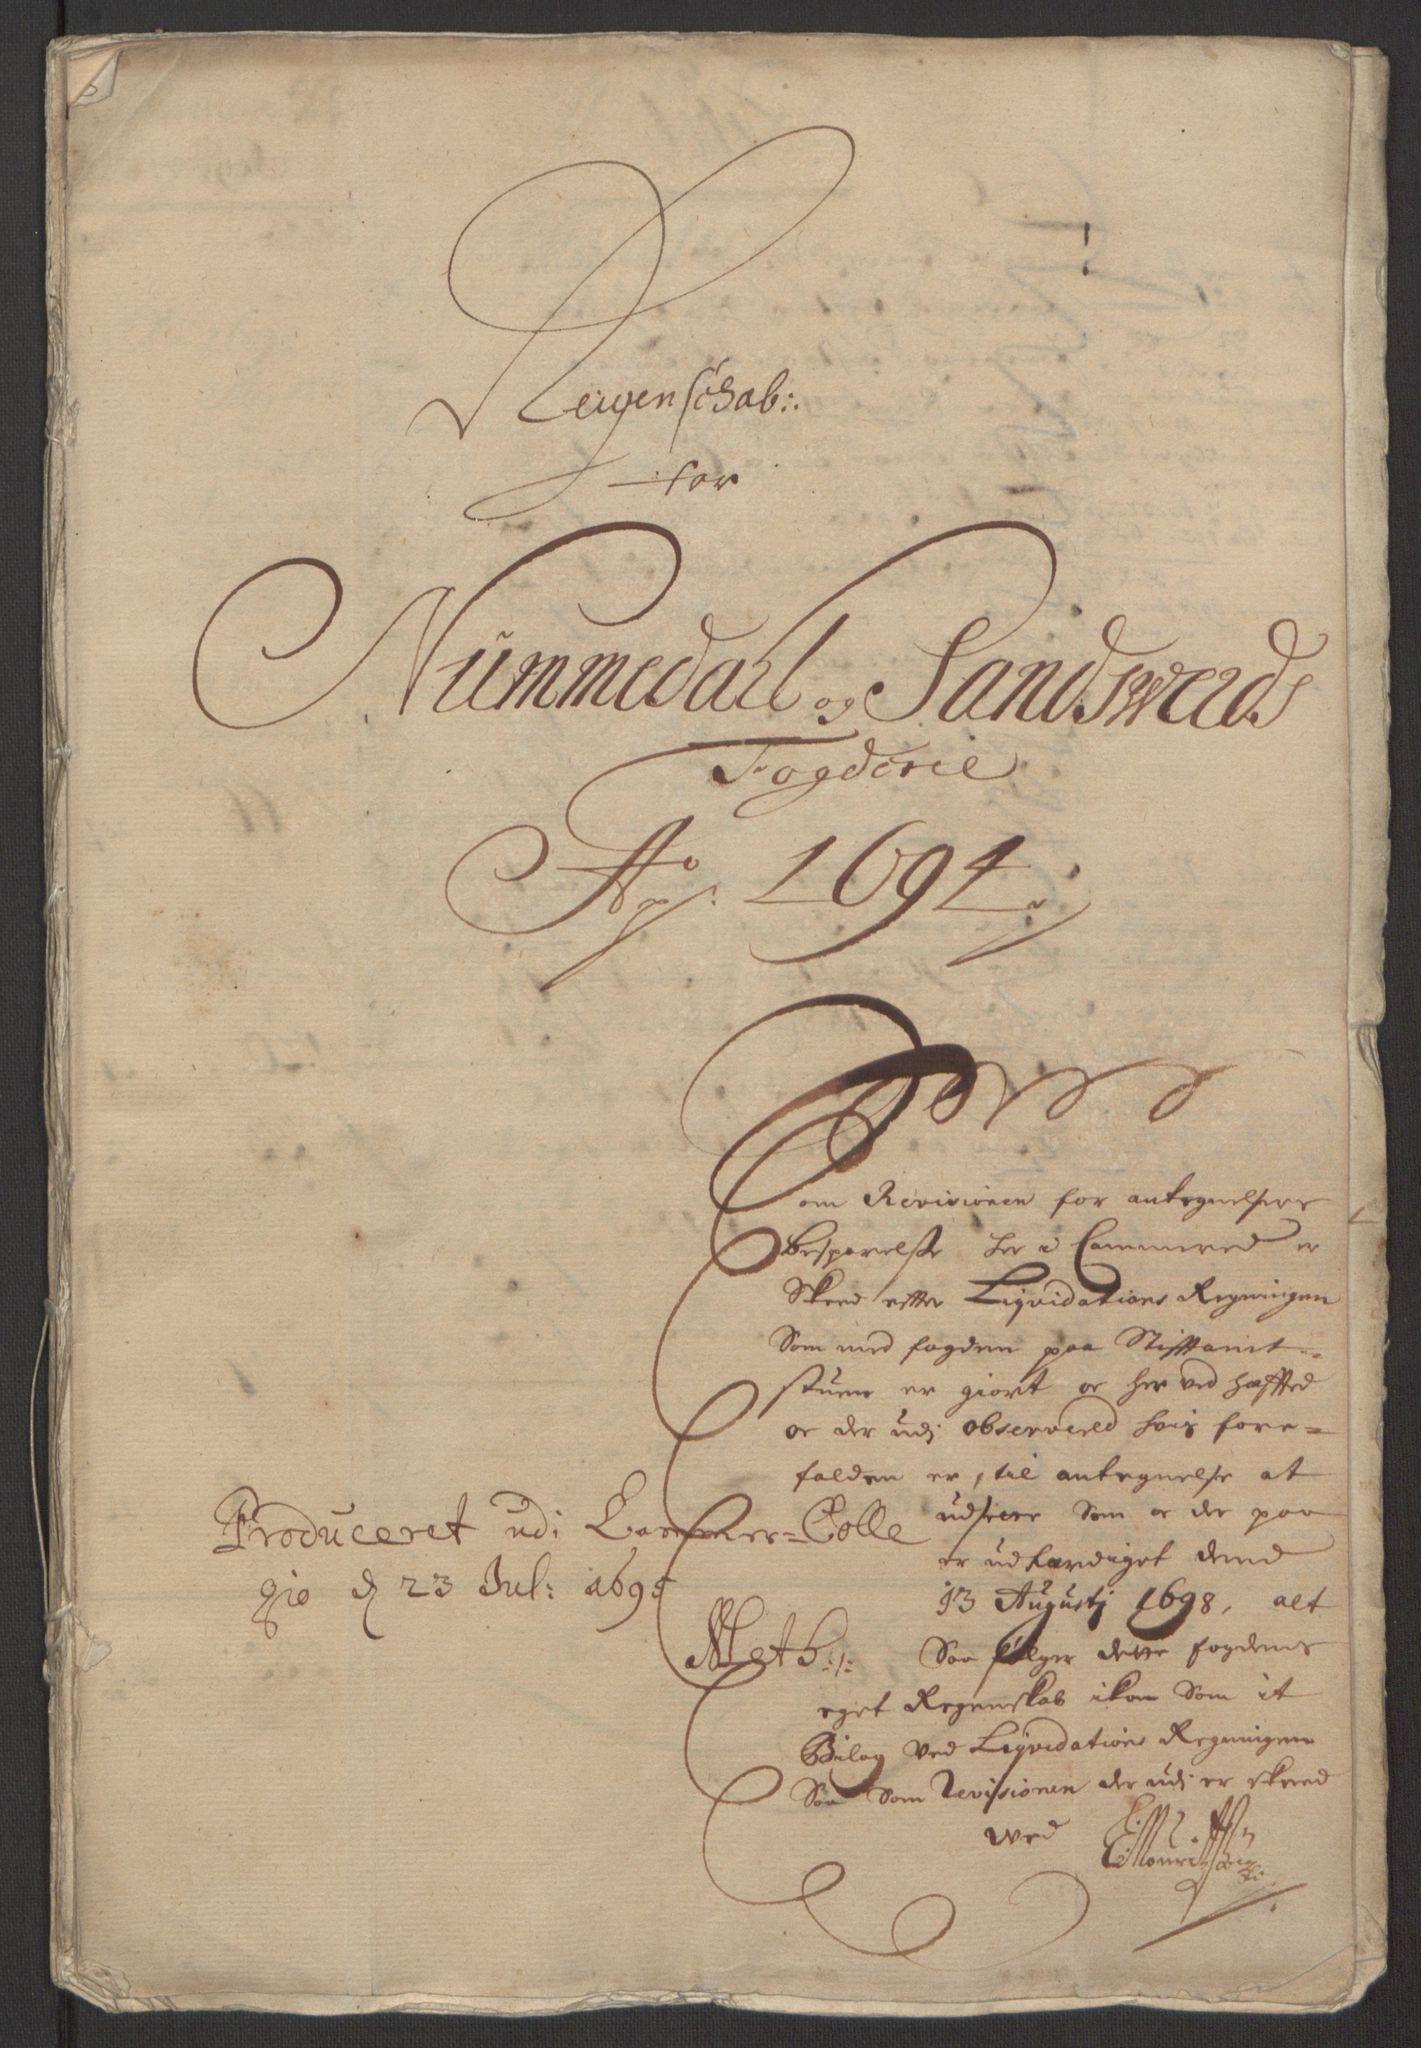 RA, Rentekammeret inntil 1814, Reviderte regnskaper, Fogderegnskap, R24/L1575: Fogderegnskap Numedal og Sandsvær, 1692-1695, s. 28